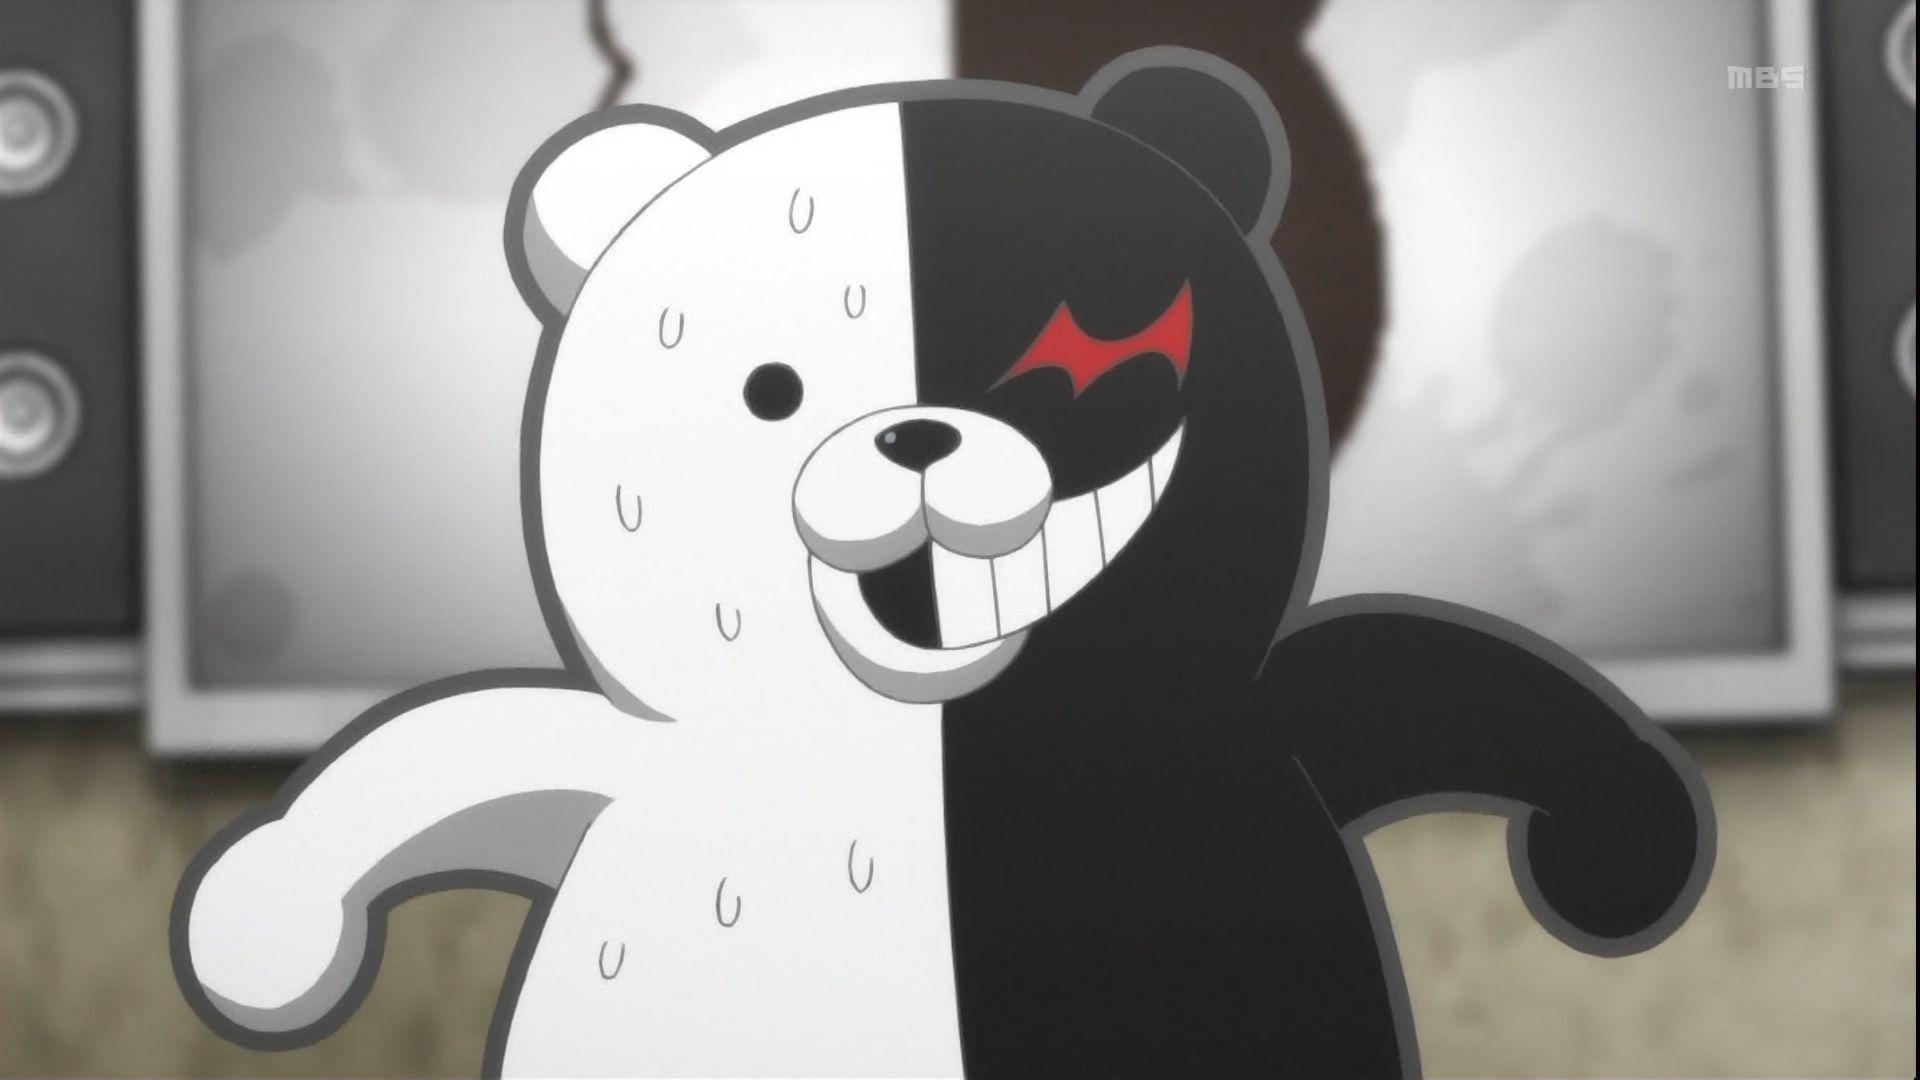 『ダンガンロンパ The Animation』第12話・・・ついに黒幕の正体が!!! もうモノクマの出番ないんだろうか・・・